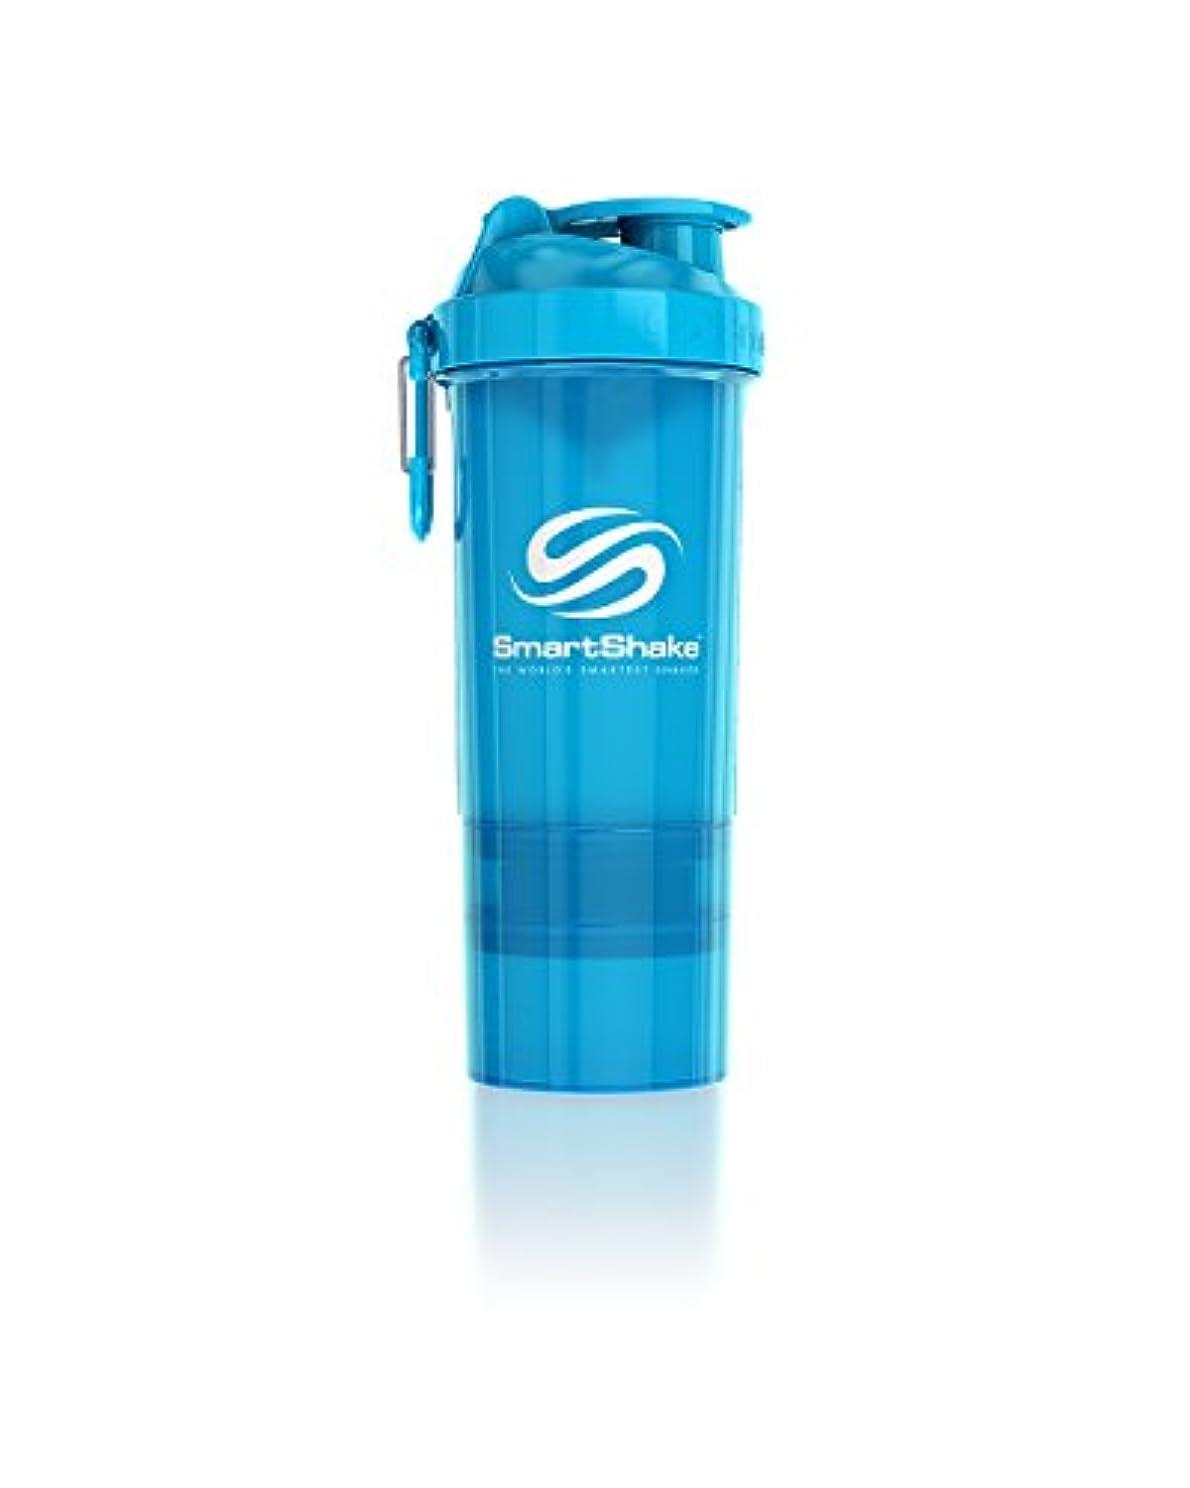 エレメンタルやけど一月Smartshake オリジナル 2Go ボトル 27 oz 10580101